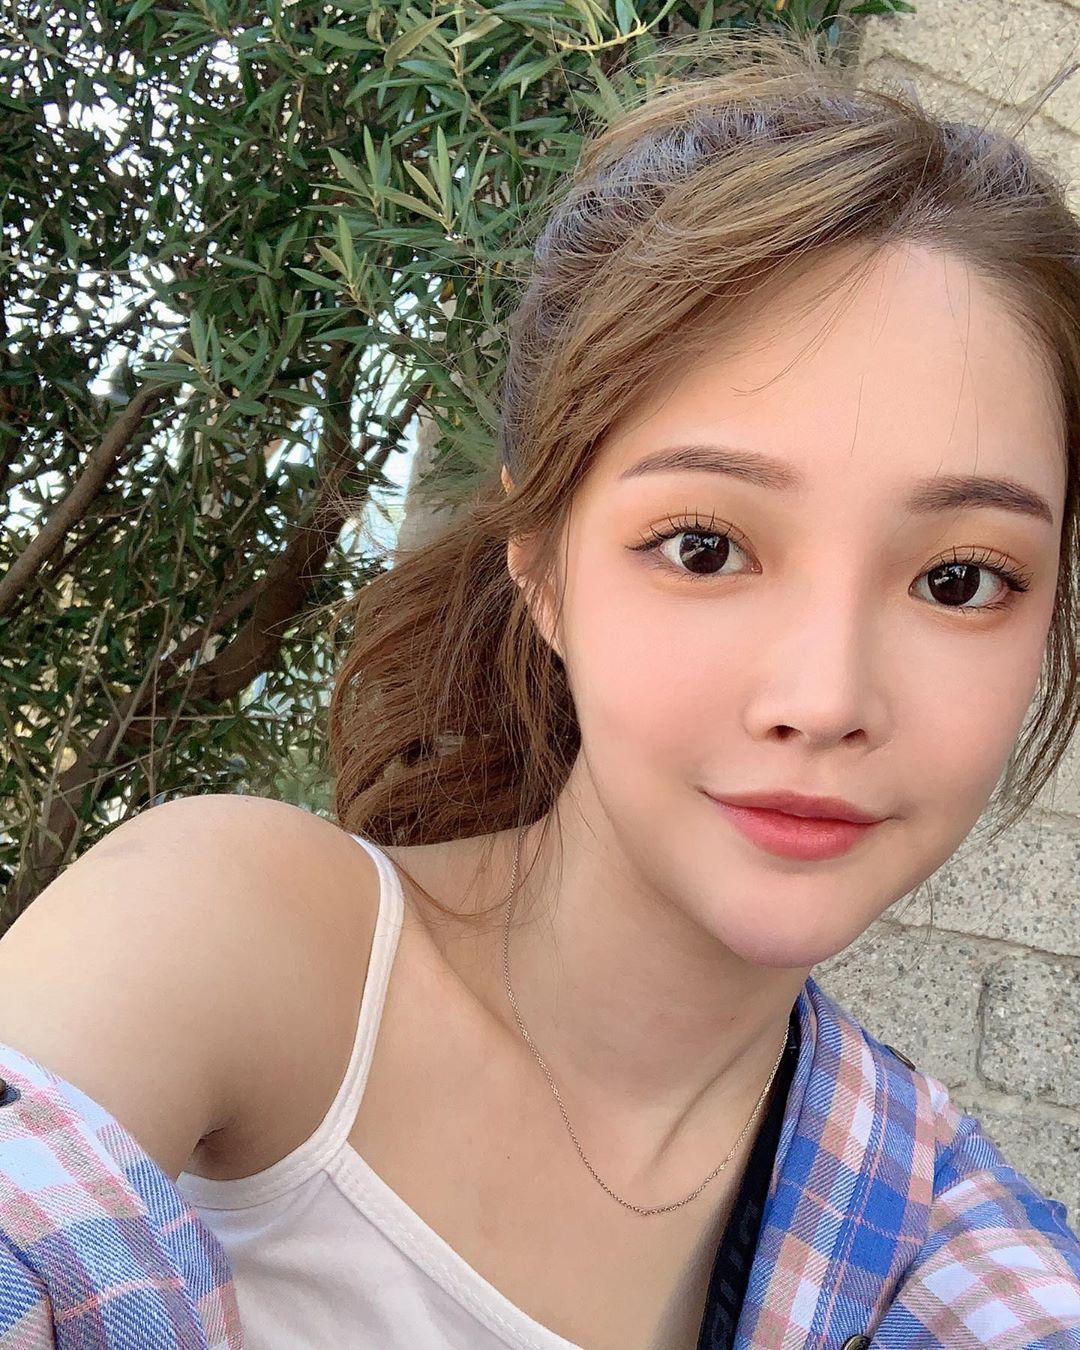 陳夢晨  E奶女神不僅身材好、還有著天使臉蛋 - 美女圖 -